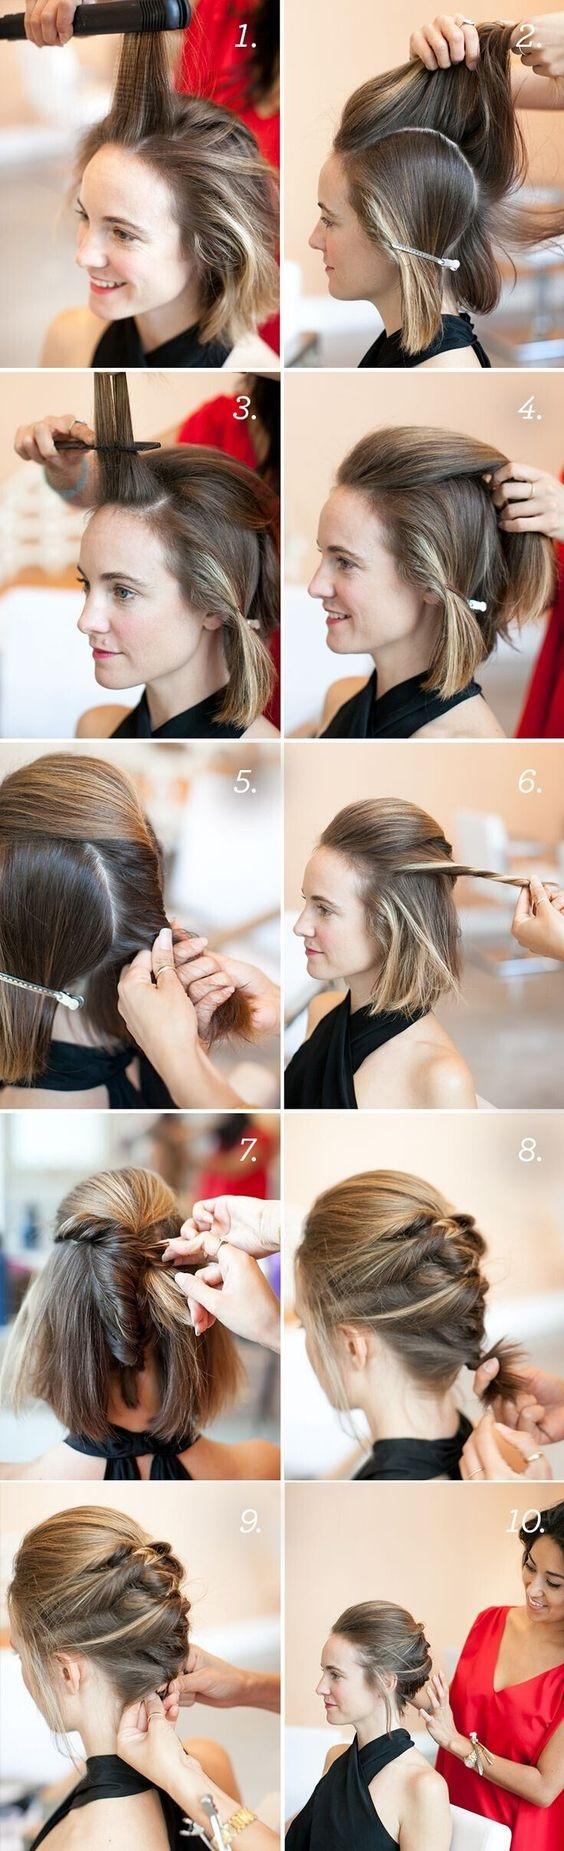 la bella-peinado-8